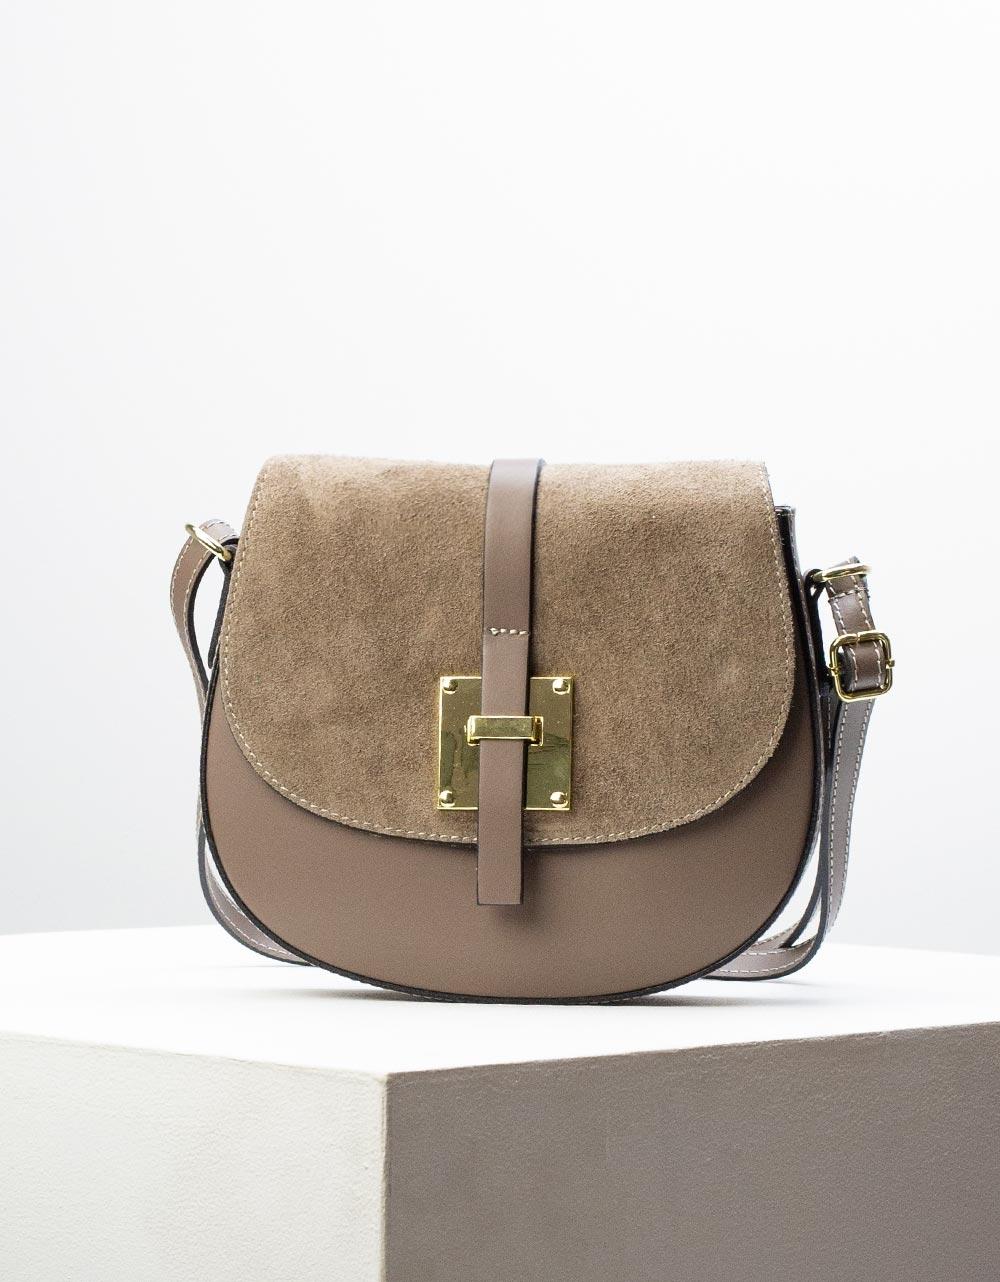 Εικόνα από Γυναικεία τσάντα ώμου & χιαστί από γνήσιο δέρμα σε συνδυασμούς υλικών Πούρο